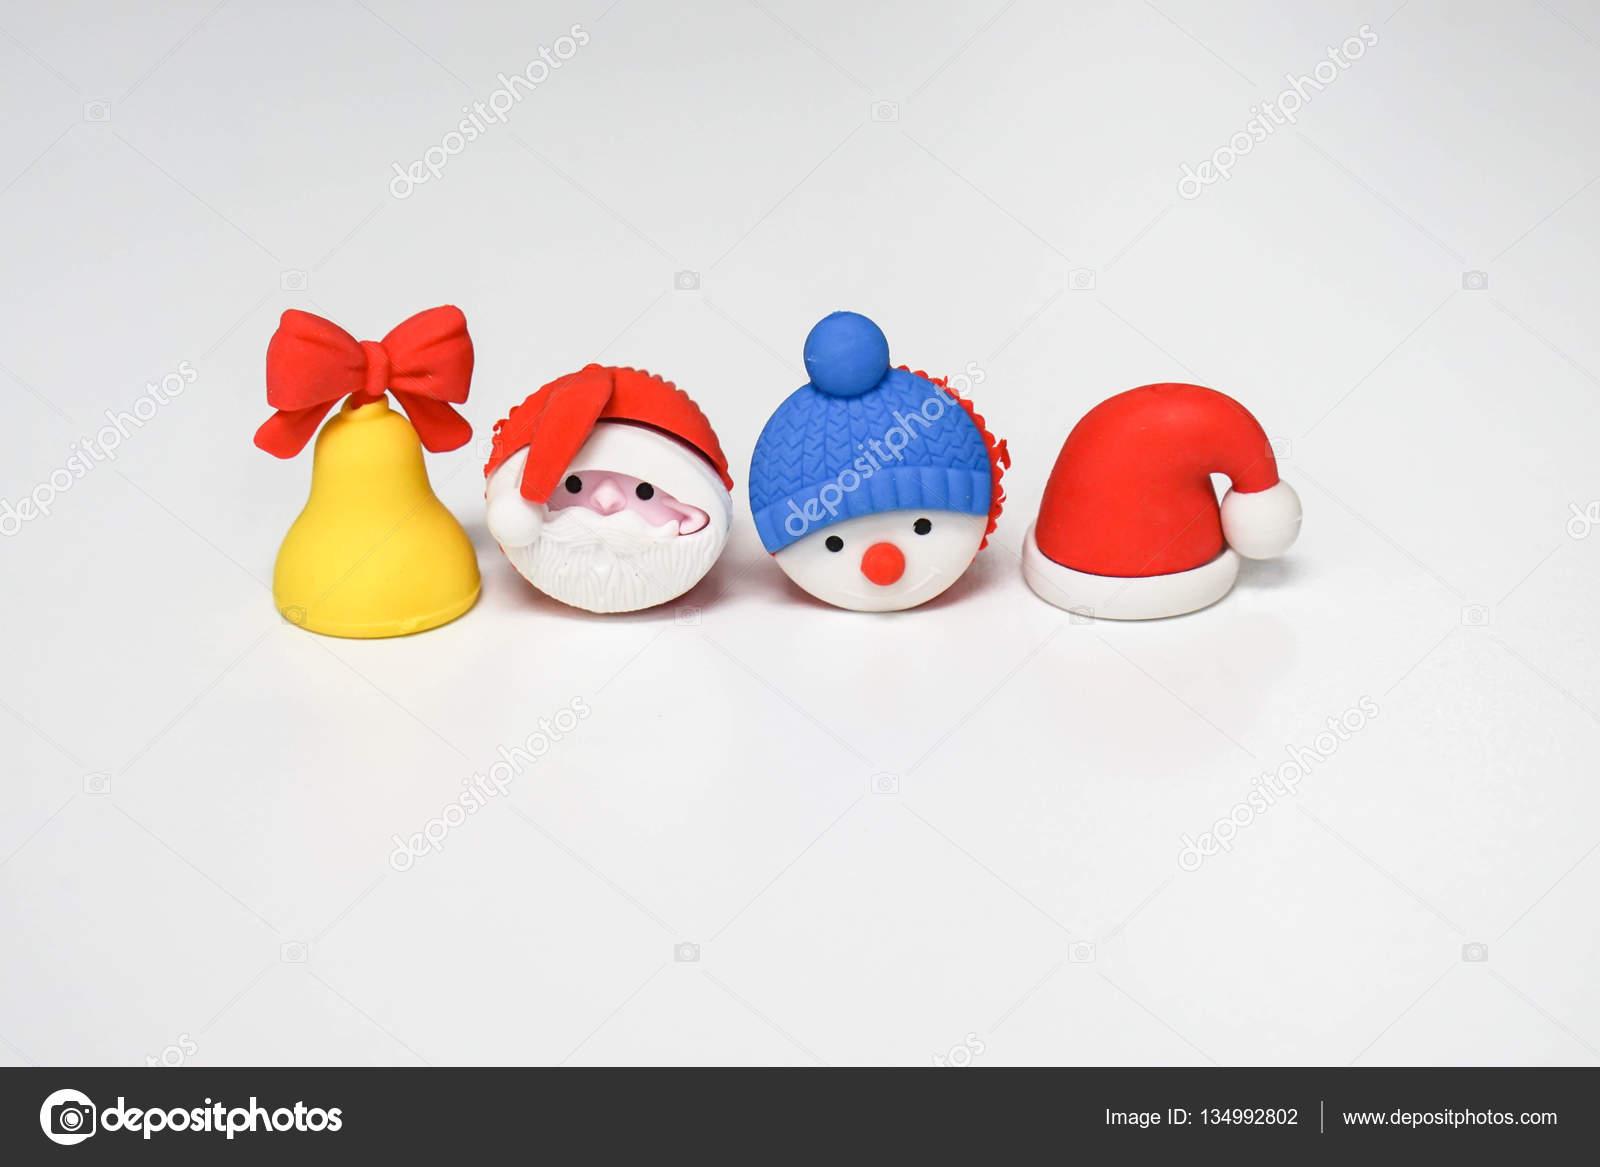 Saison-Gruß und Symbol Weihnachtsfeier — Stockfoto © Jummie #134992802